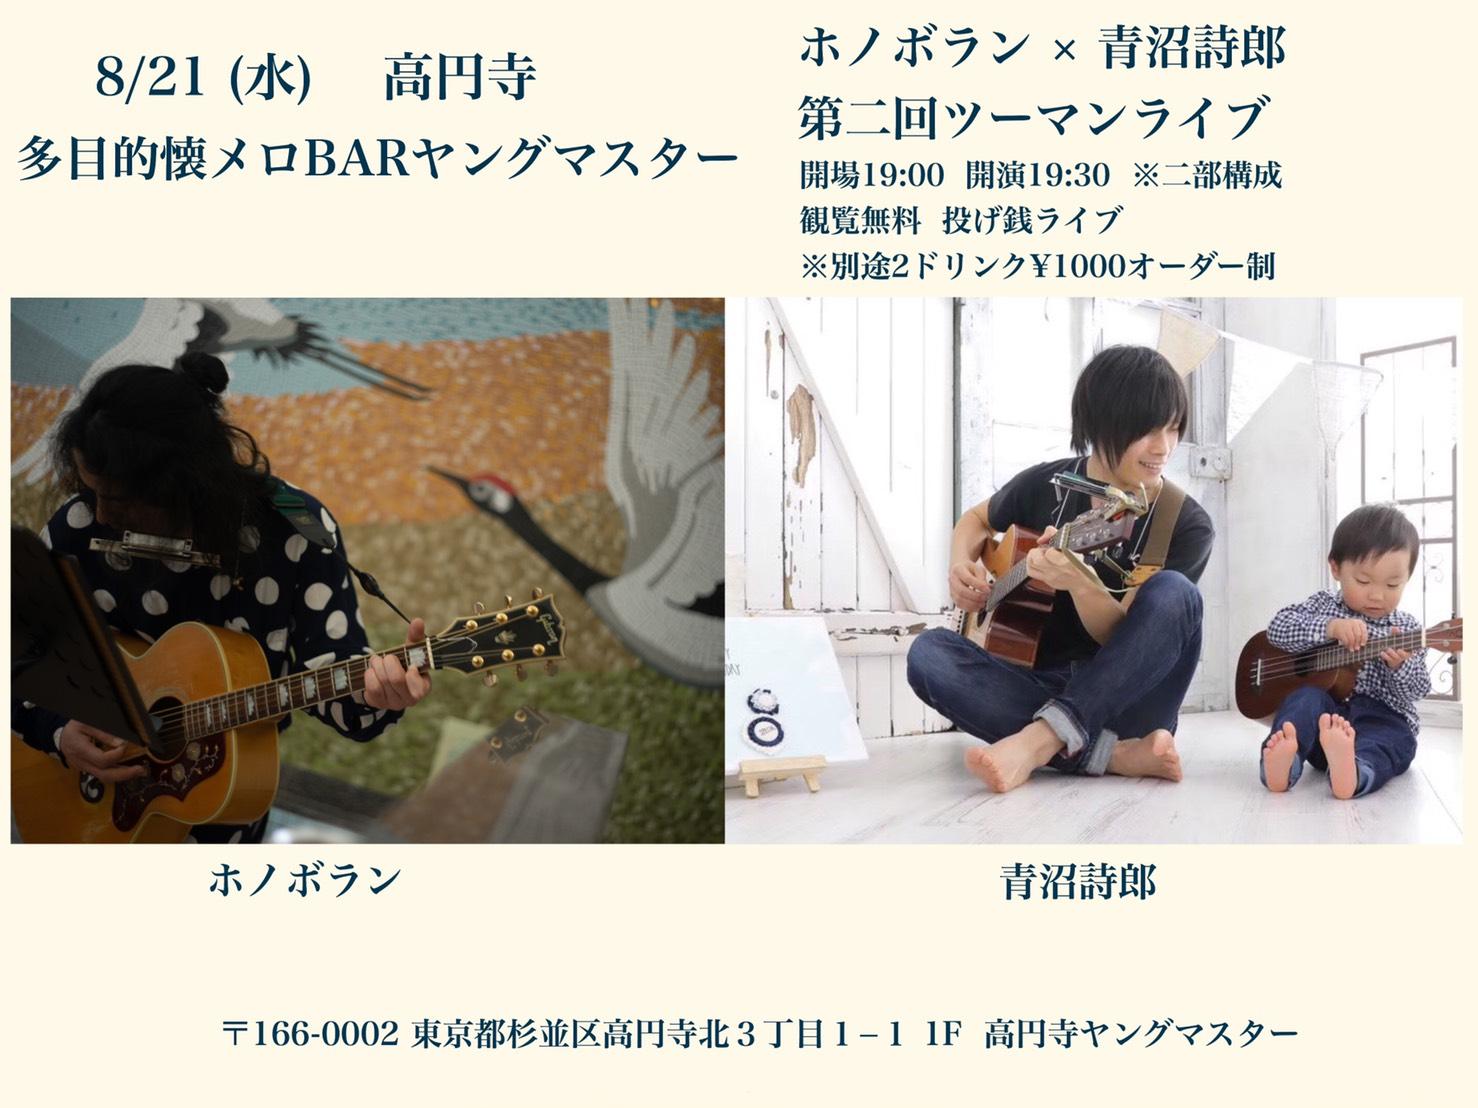 8/21 (水) ホノボラン × 青沼詩郎 第二回ツーマンライブ 二部構成